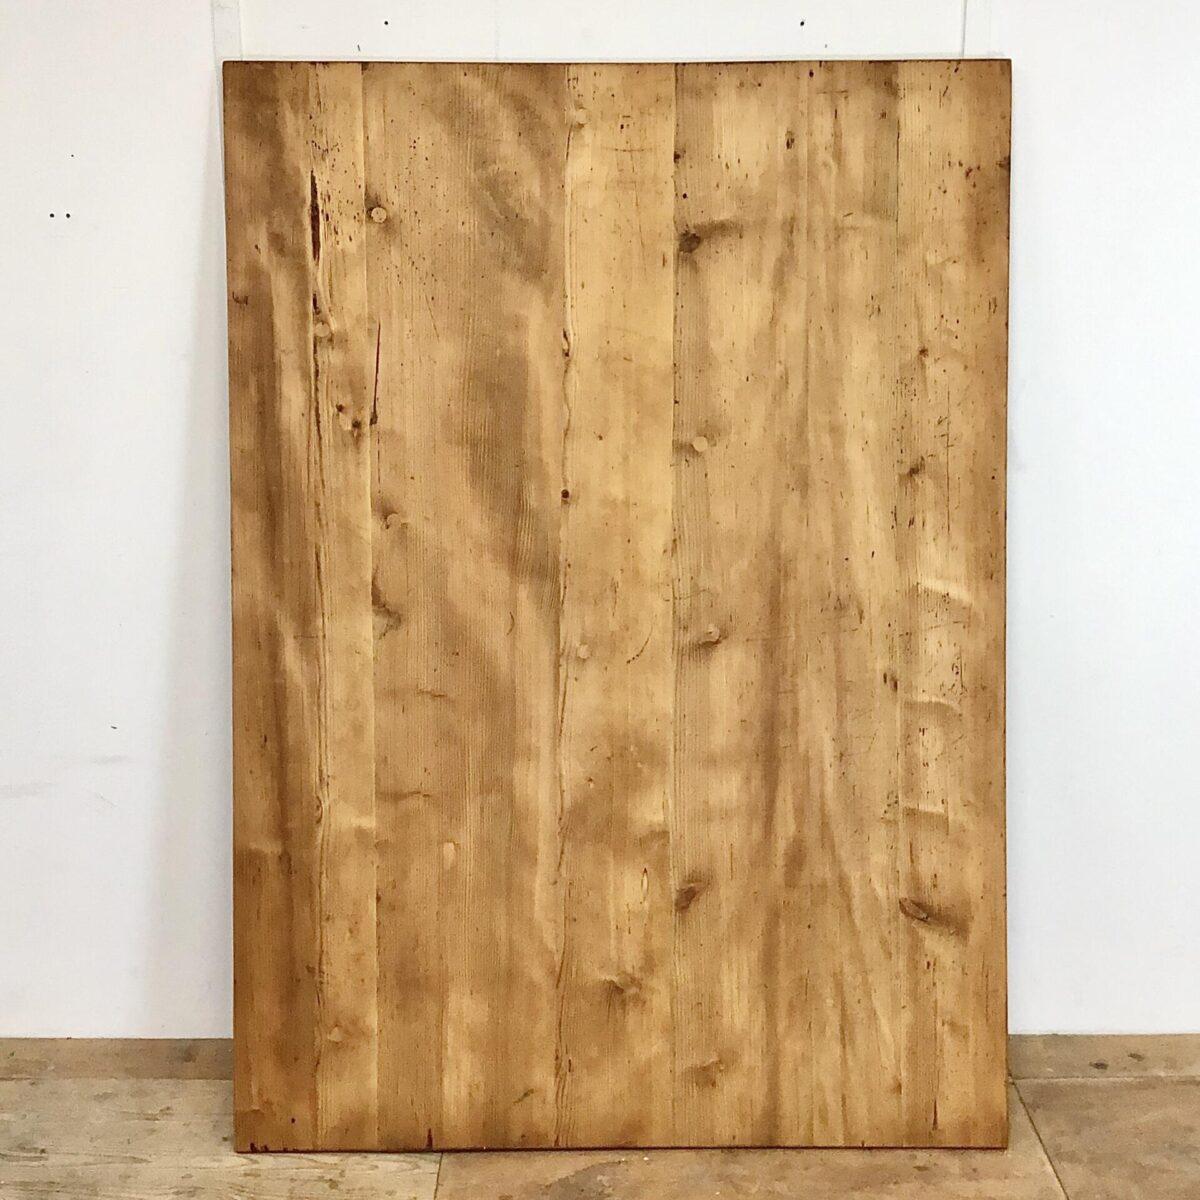 Biedermeiertisch aus Tannenholz 180x128.5cm Höhe 75.5cm. Dieser Esstisch hat ein seltenes Format, an der breiten Stirnseite finden 2 Personen Platz und somit insgesamt bis zu 10 Personen. Ähnlich einem Sitzungstisch oder der verschworenen Stammtisch Runde. Trotz den eher plump wirkenden fast quadratischen Massen wirkt der Tisch, Dank seinem feingliedrigen Unterbau sehr leicht. Das Tischblatt hat auf der Unterseite zwei Gratleisten, welche das Schwinden und Quellen des Tischblattes ermöglichen.